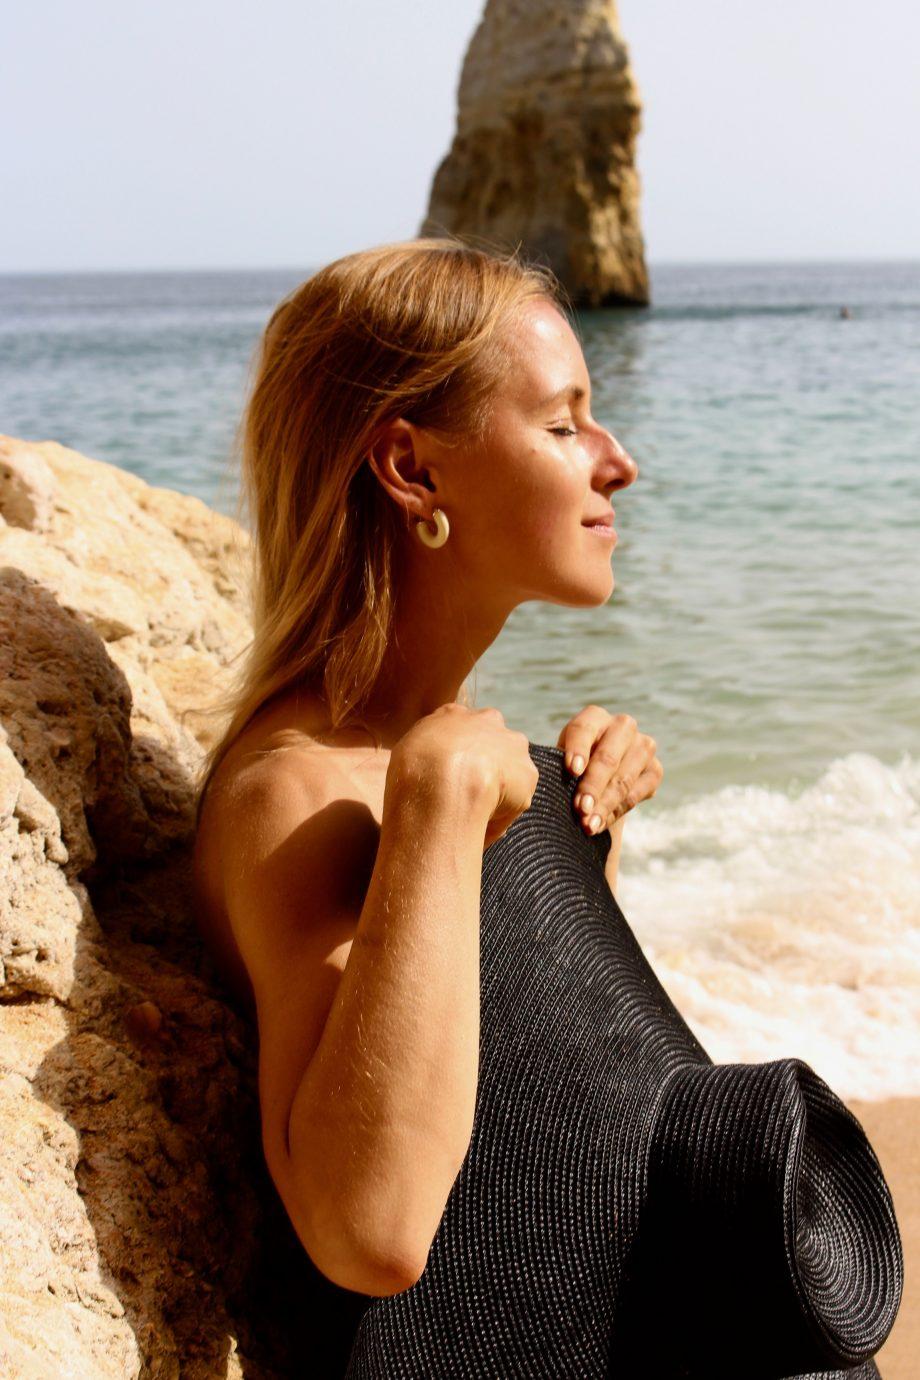 Summer Beach Inspirations |20.09.2018